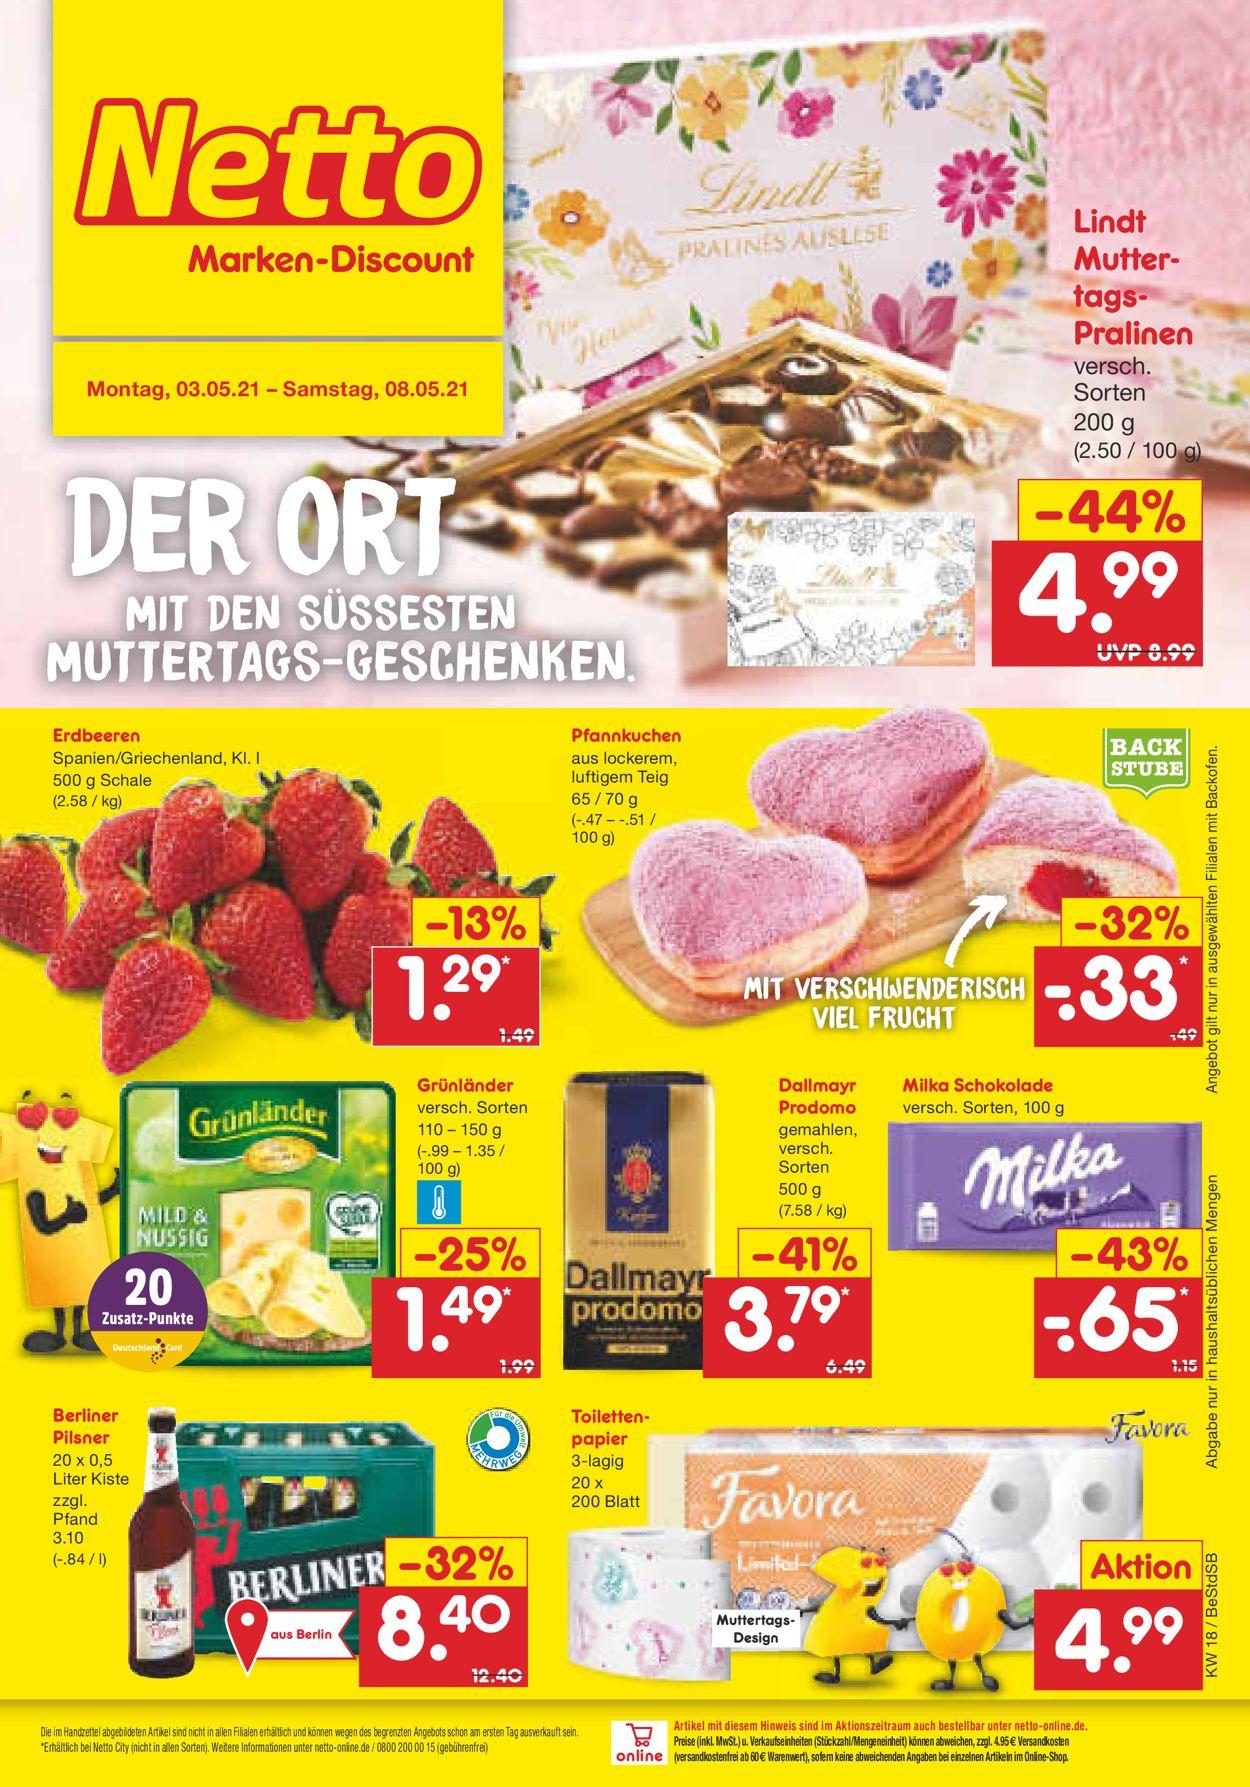 Netto Marken-Discount Prospekt - Aktuell vom 03.05-08.05.2021